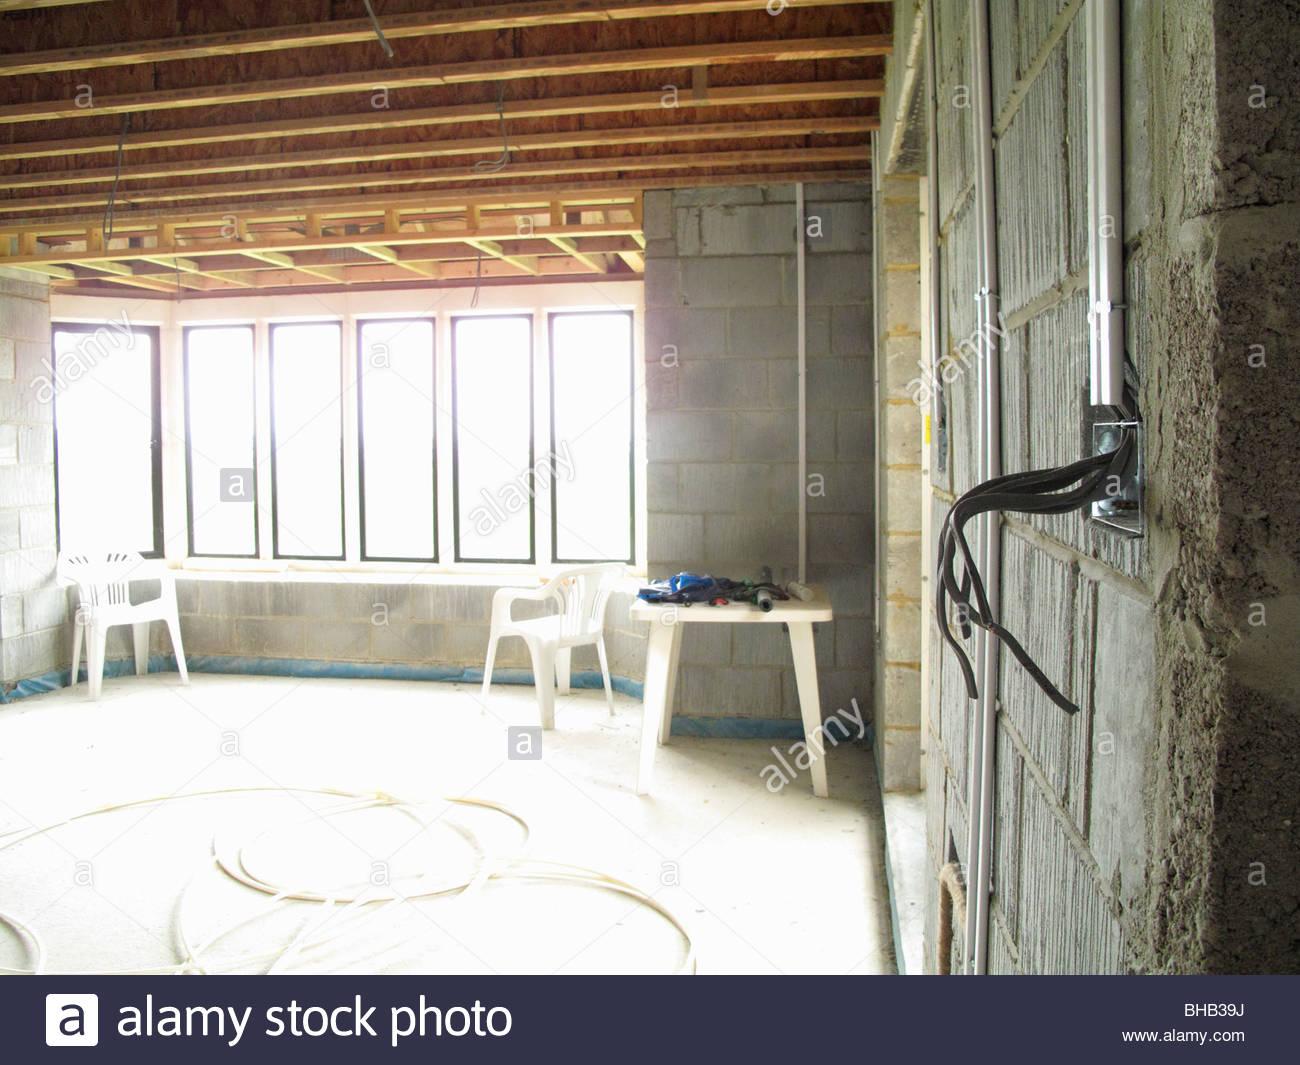 Ausgezeichnet Elektrische Verkabelung In Einem Haus Ideen - Der ...